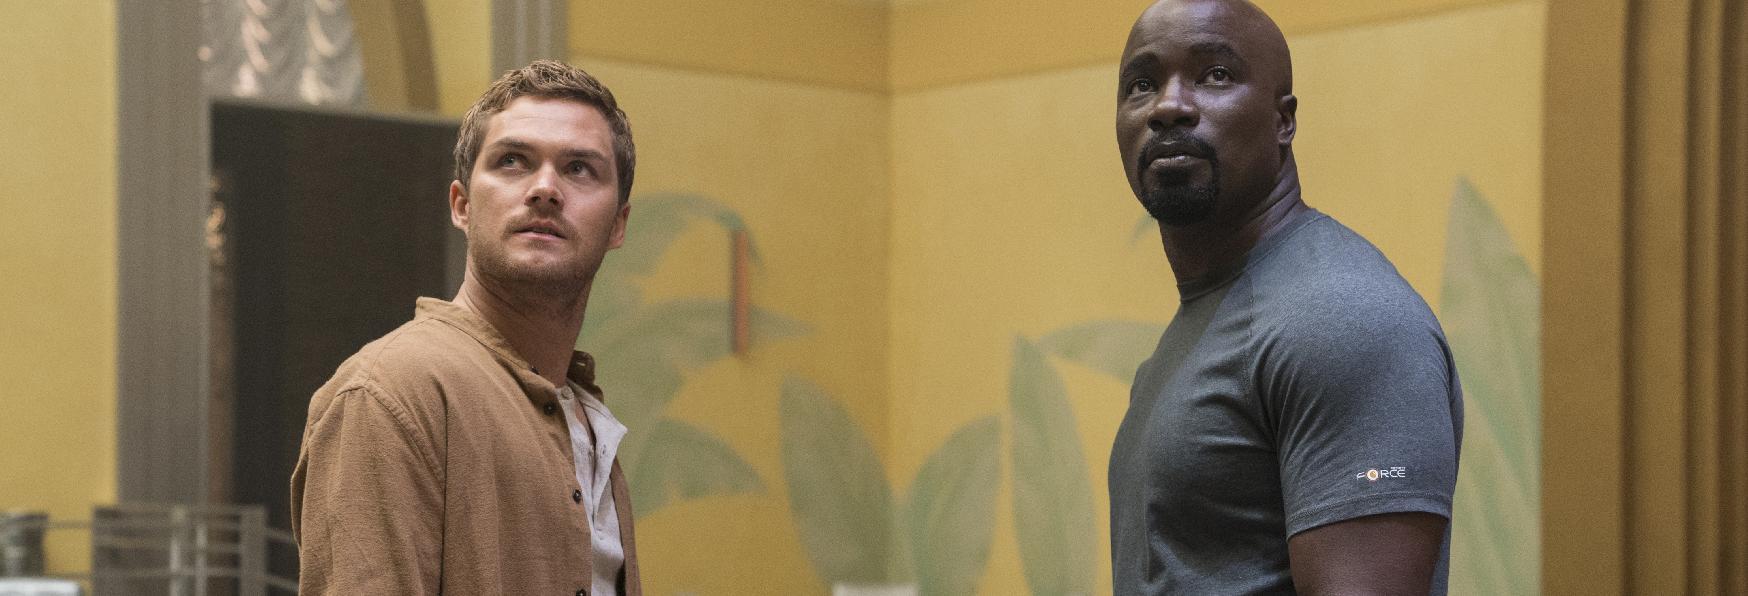 Dietrofront di Netflix: non ci sarà una 3° stagione per la serie Marvel Luke Cage